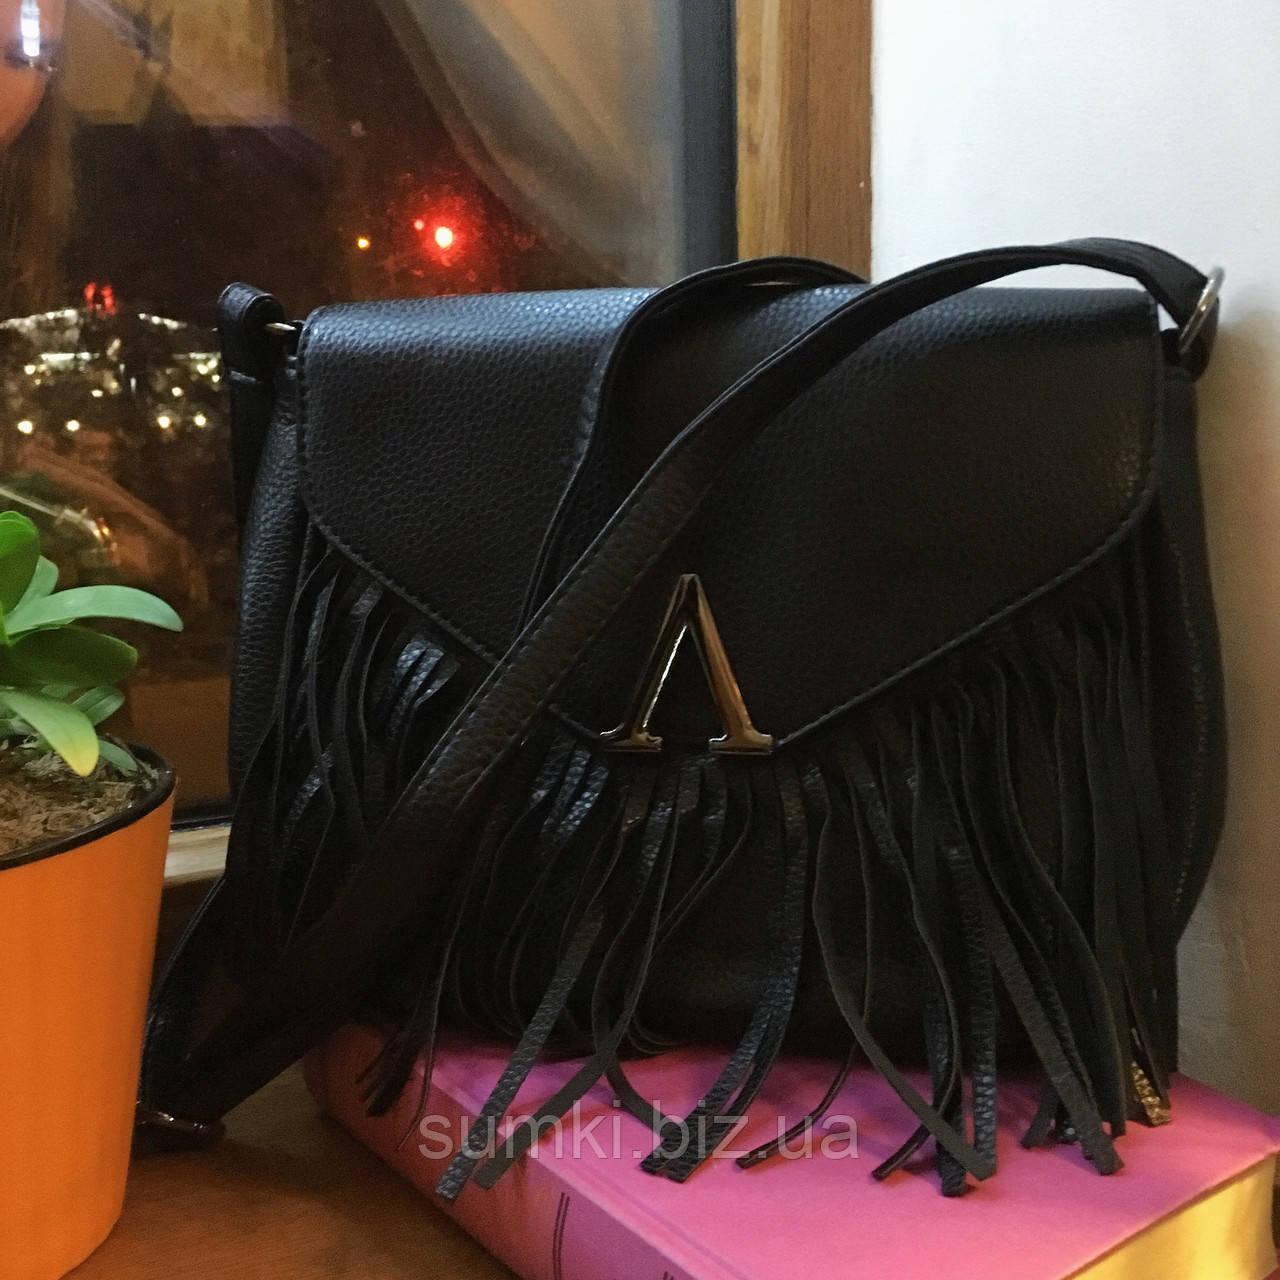 08c8241474c3 Сумки crossbody реплика Louis Vuitton - Интернет магазин сумок